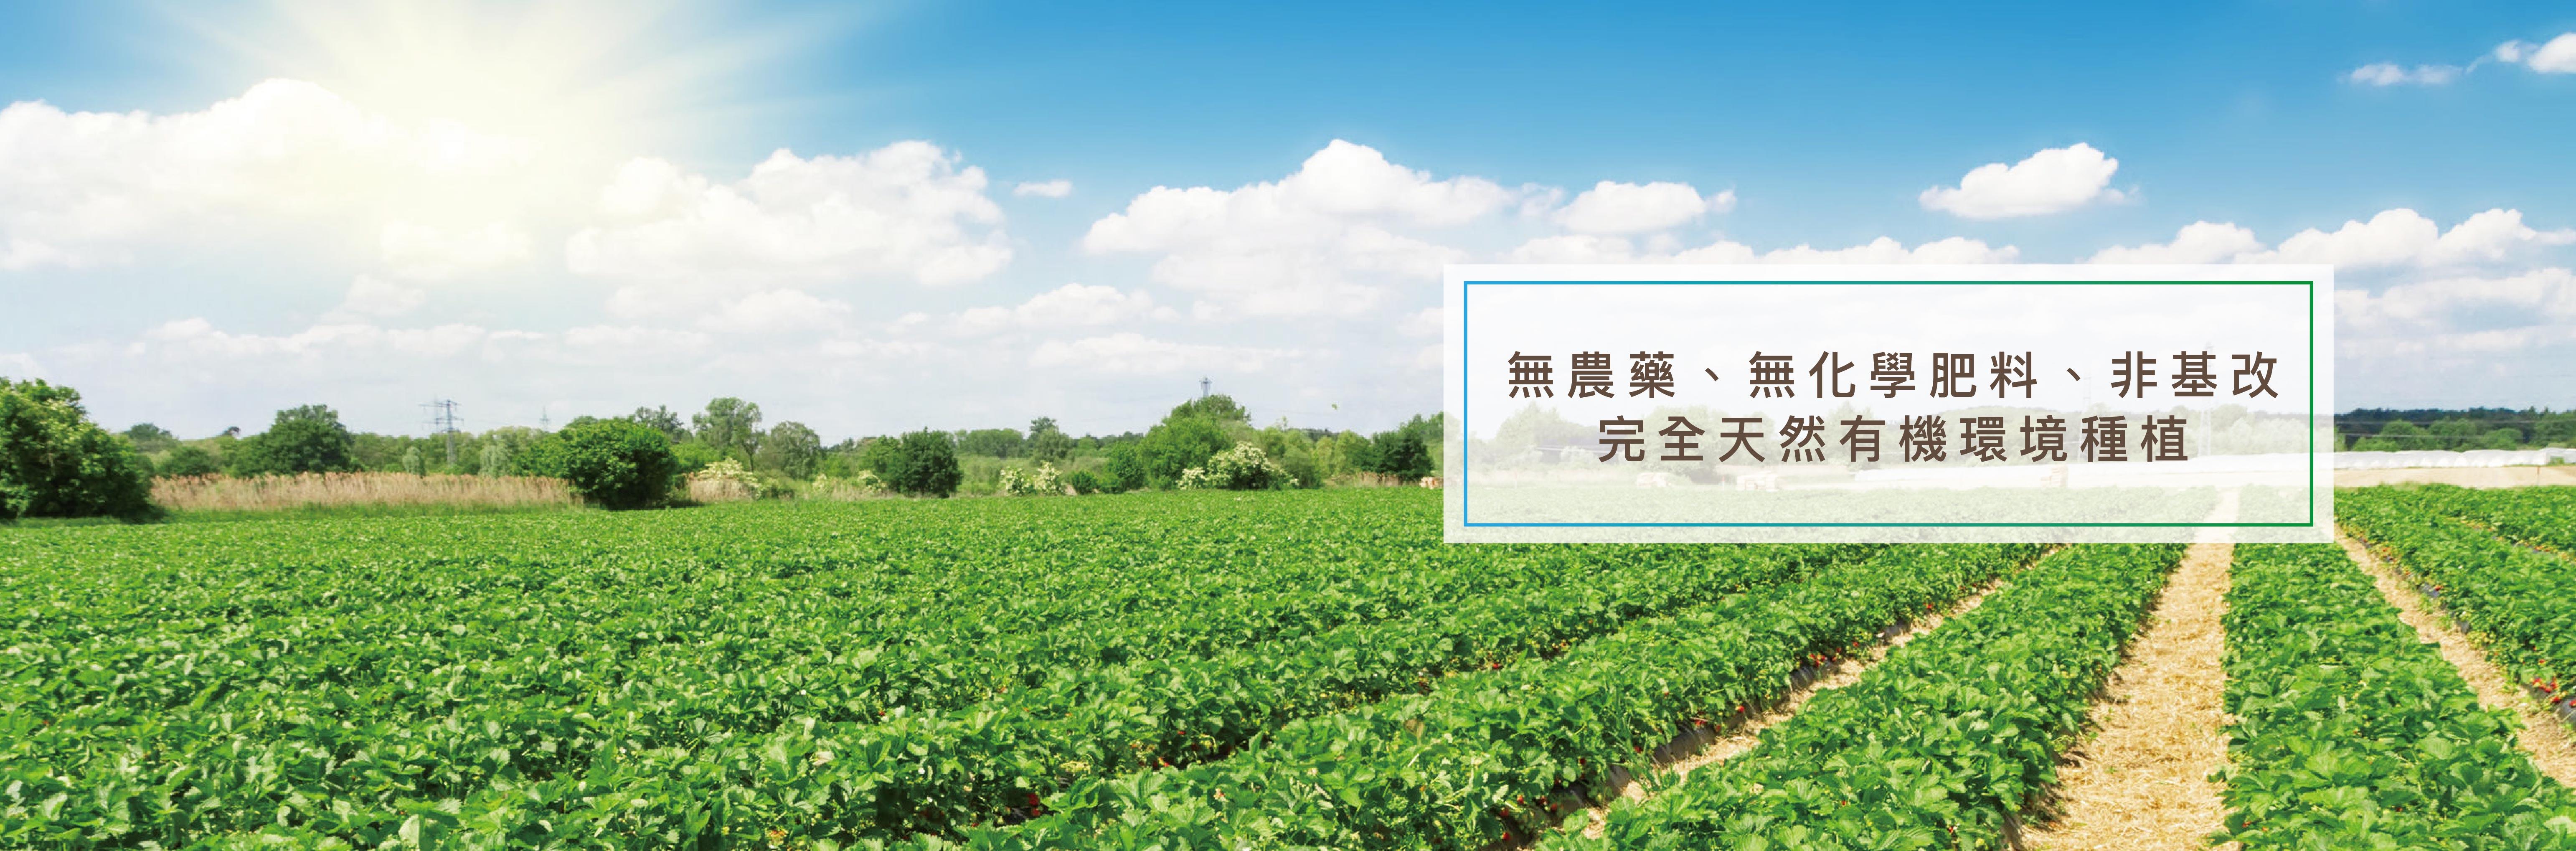 天然有機環境種植_無農藥、無化肥、非基改